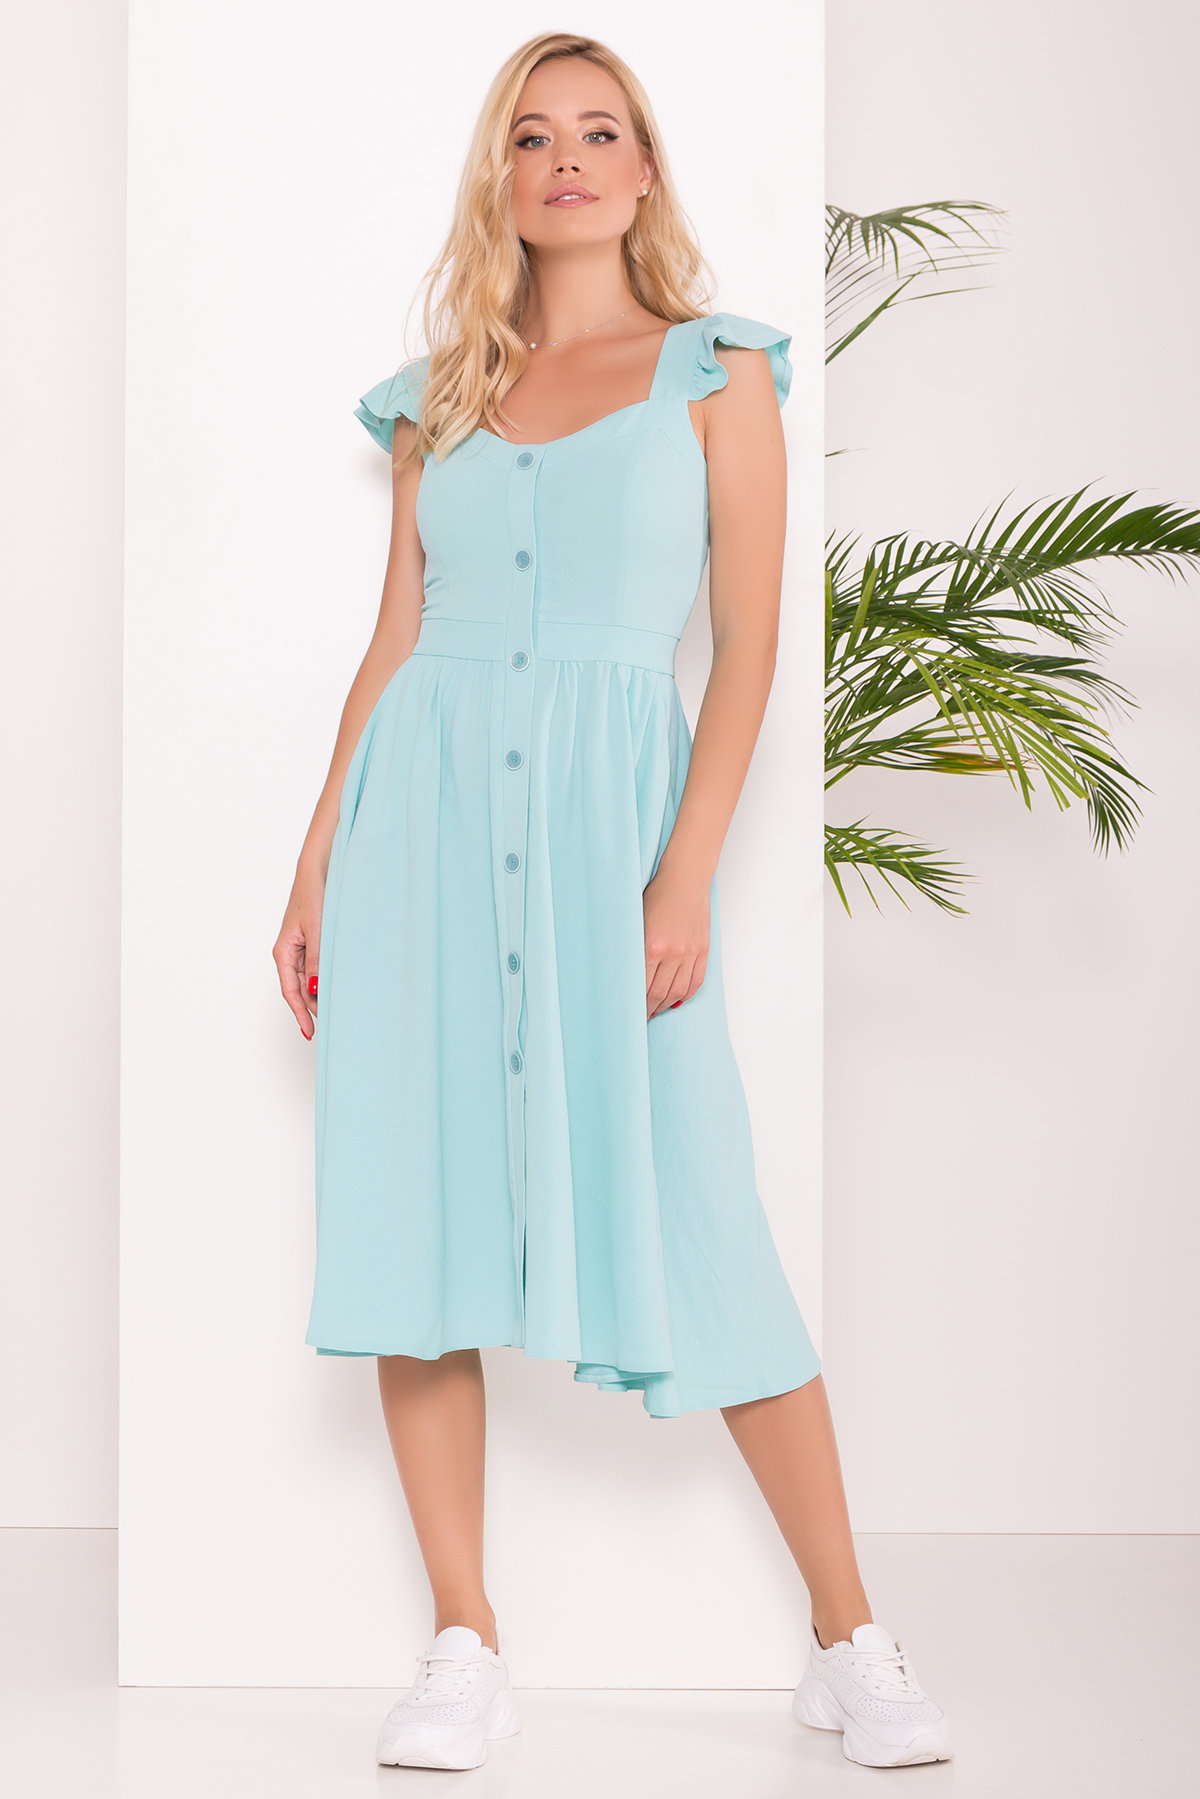 Платье Ундина 7410 АРТ. 43412 Цвет: Мята 10 - фото 2, интернет магазин tm-modus.ru